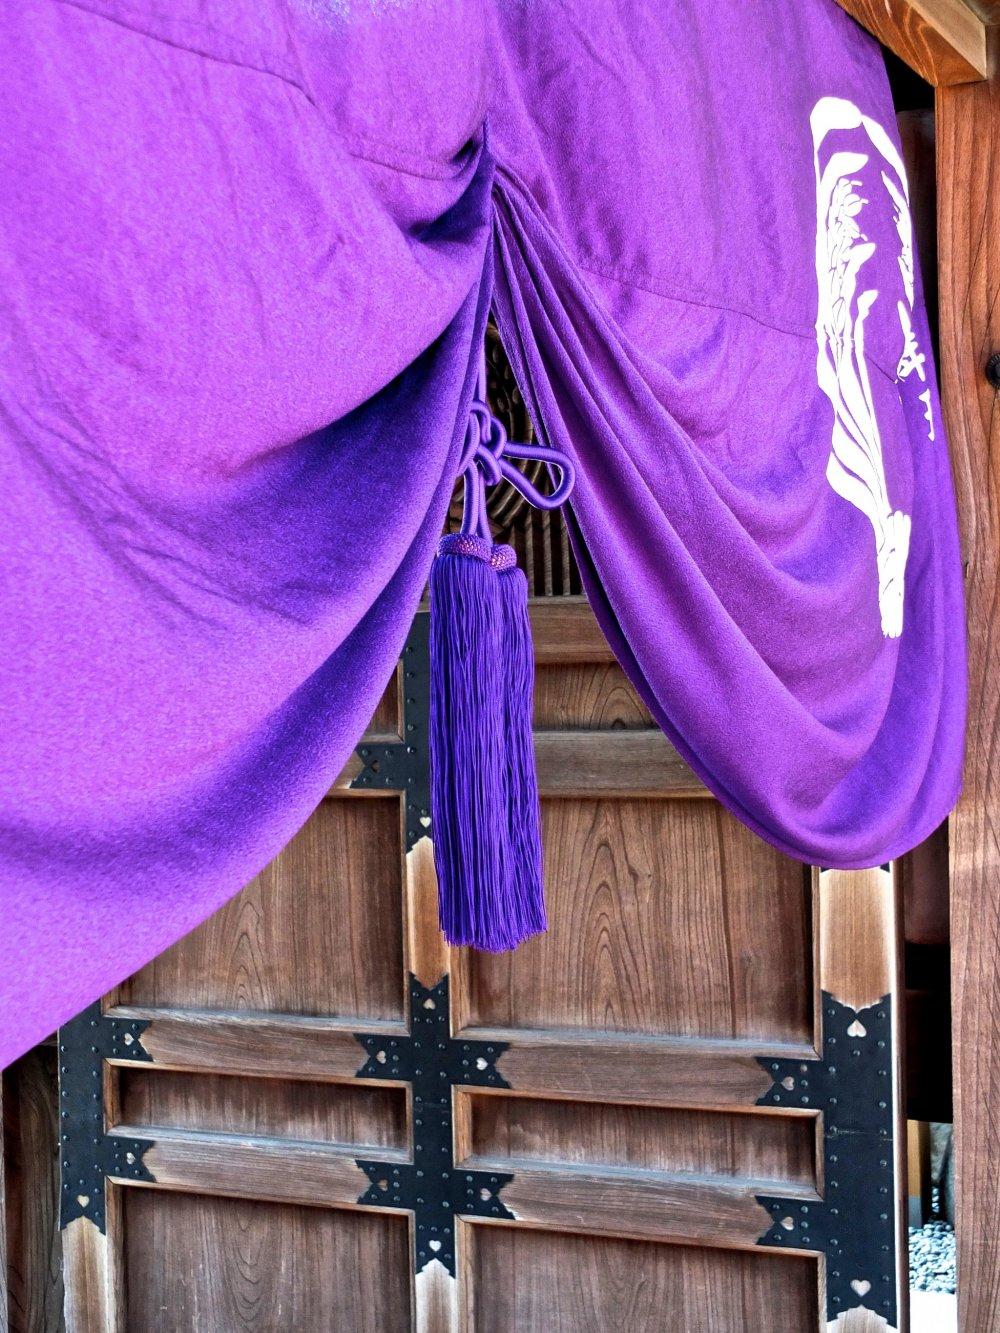 赤坂 豊川稲荷の美しい門